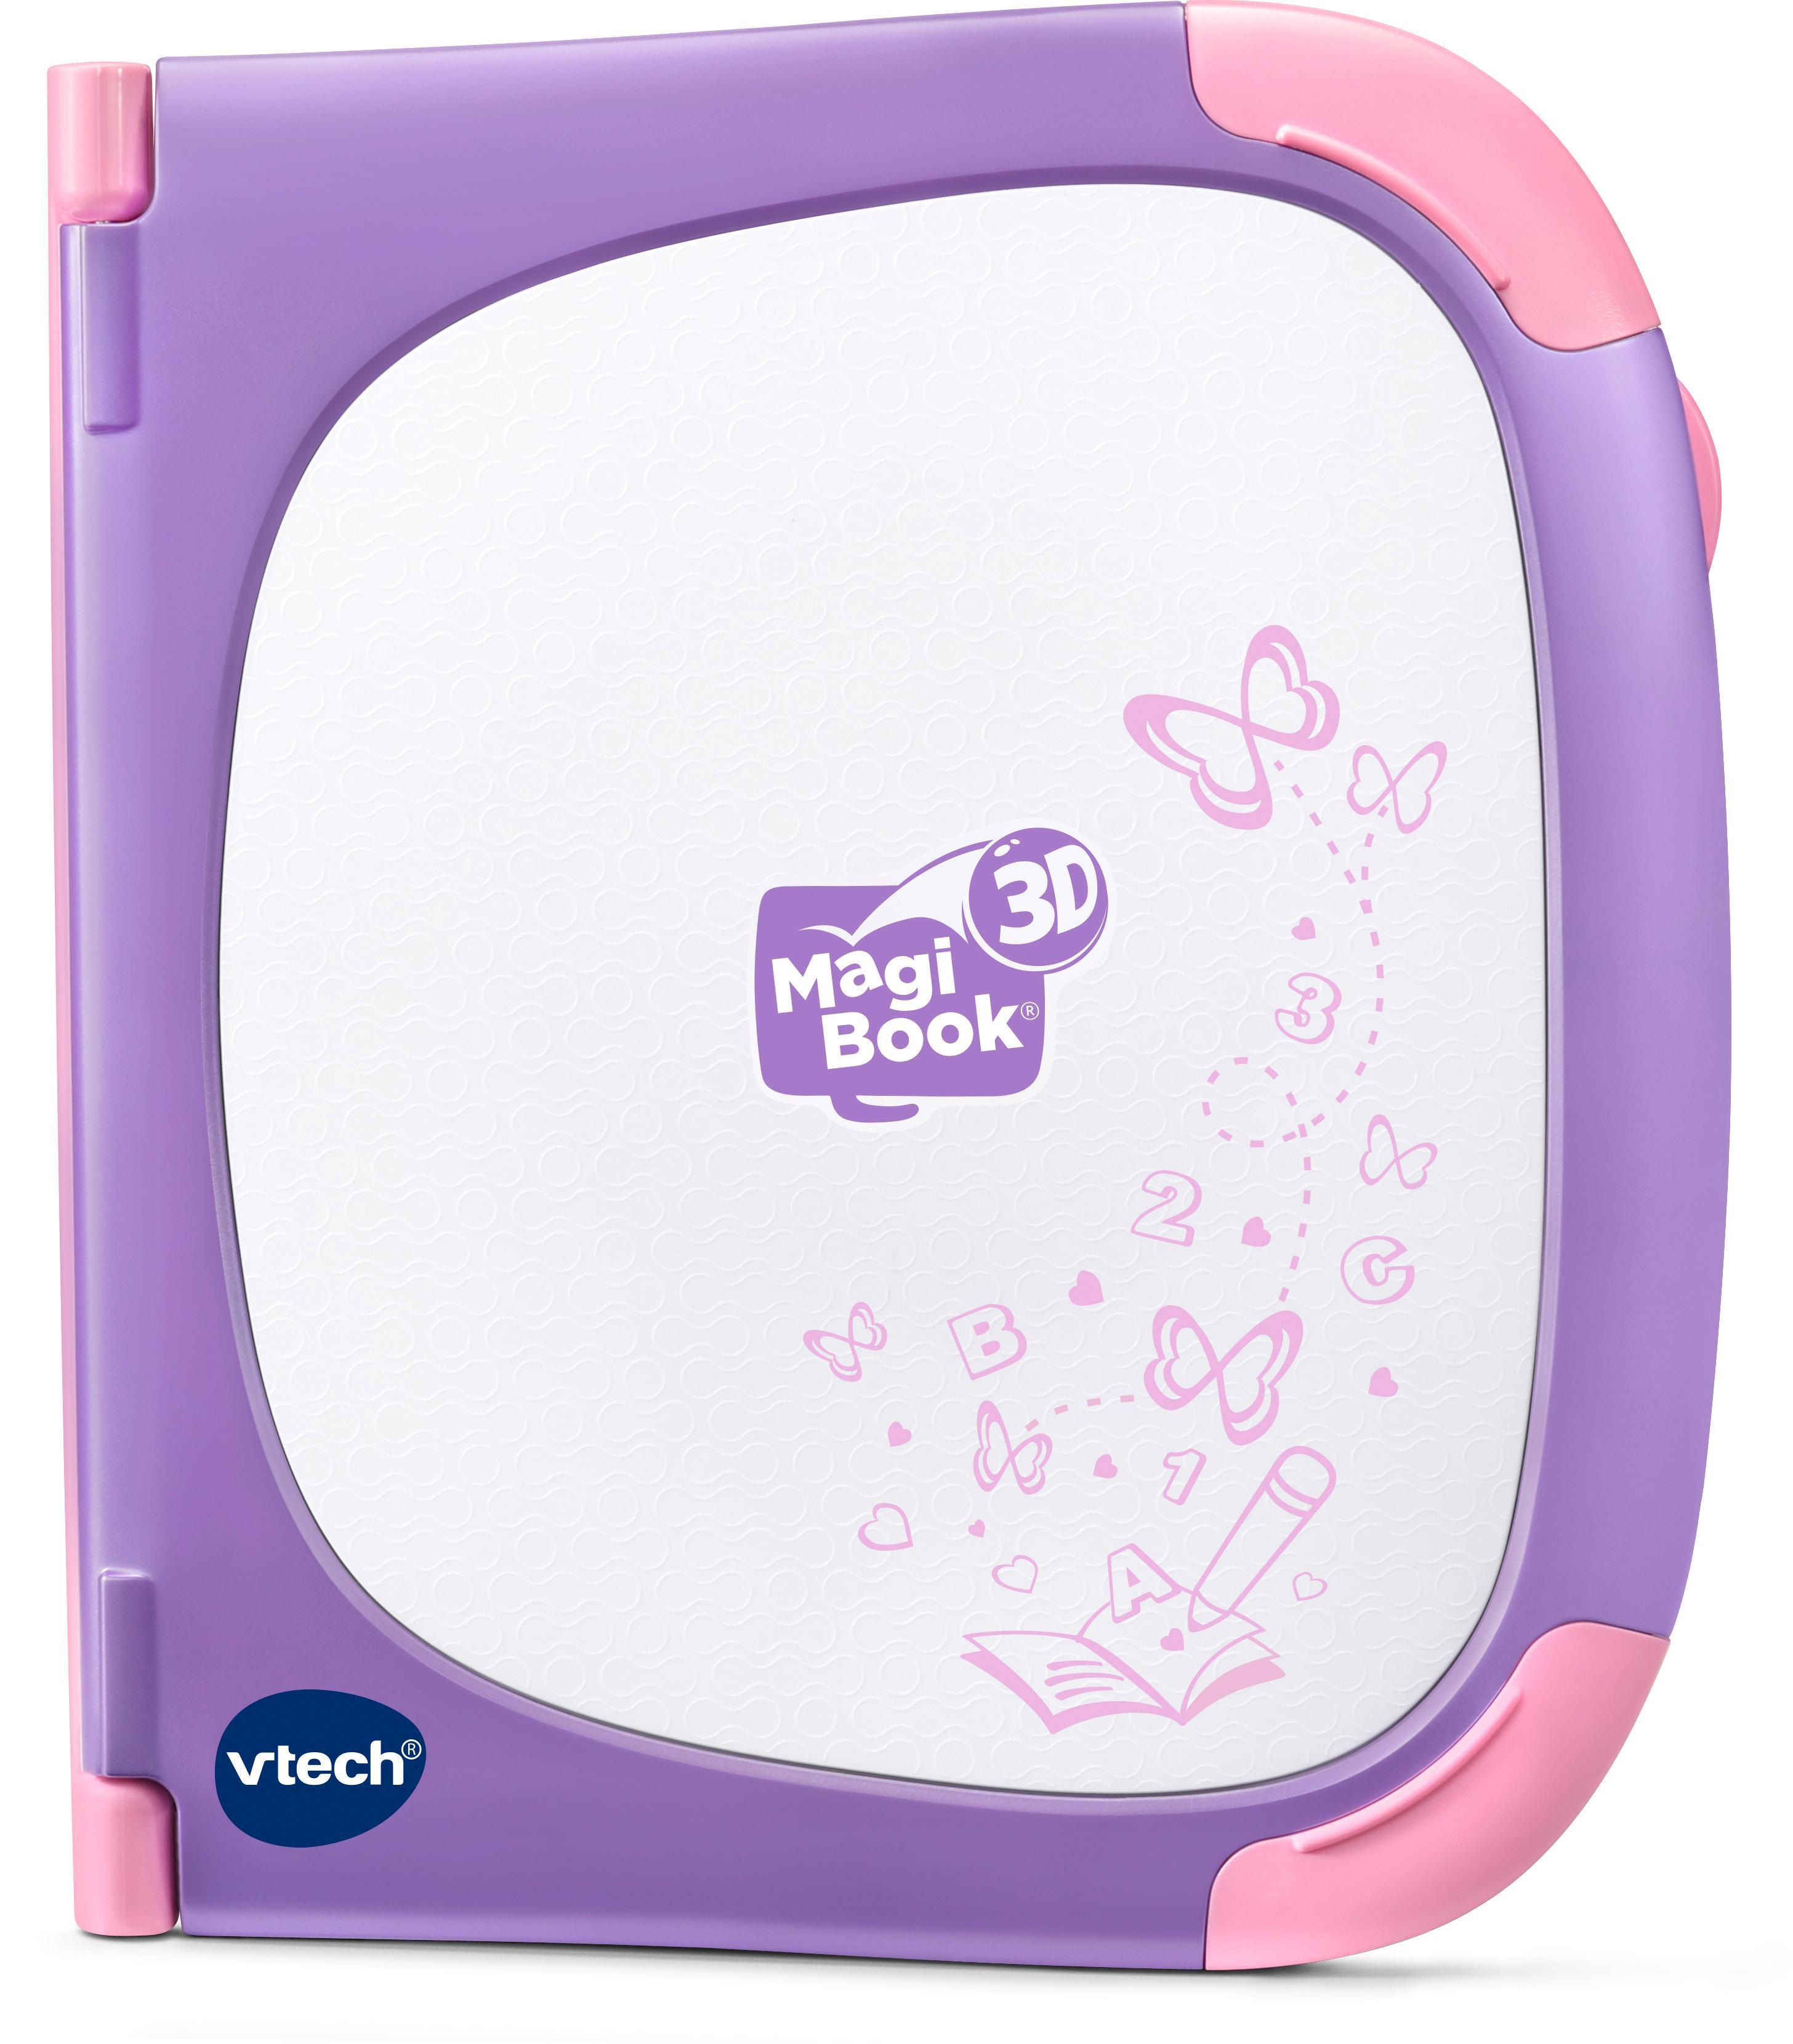 """Vtech Kindercomputer """"MagiBook 3D pink"""" Technik & Freizeit/Spielzeug/Lernspielzeug/Kinder-Computer"""